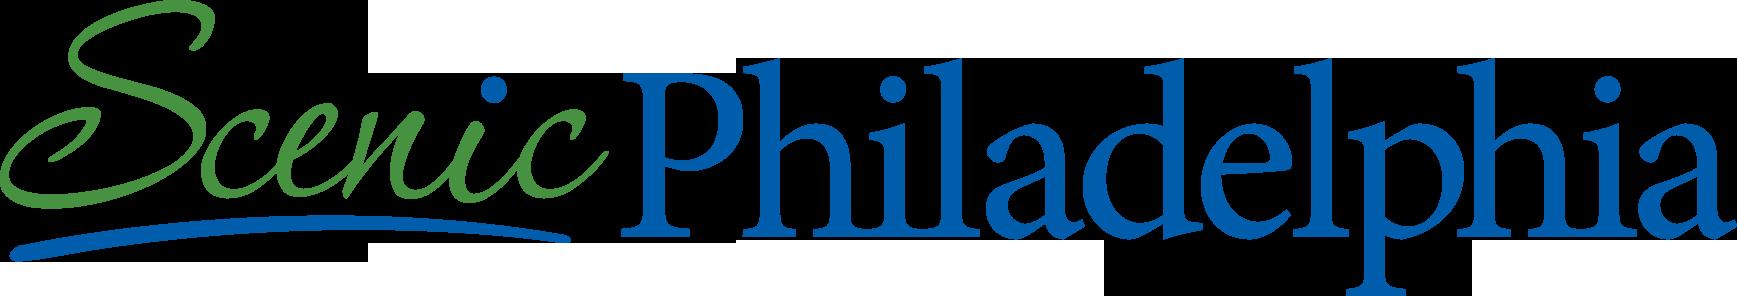 Scenic Philadelphia logo